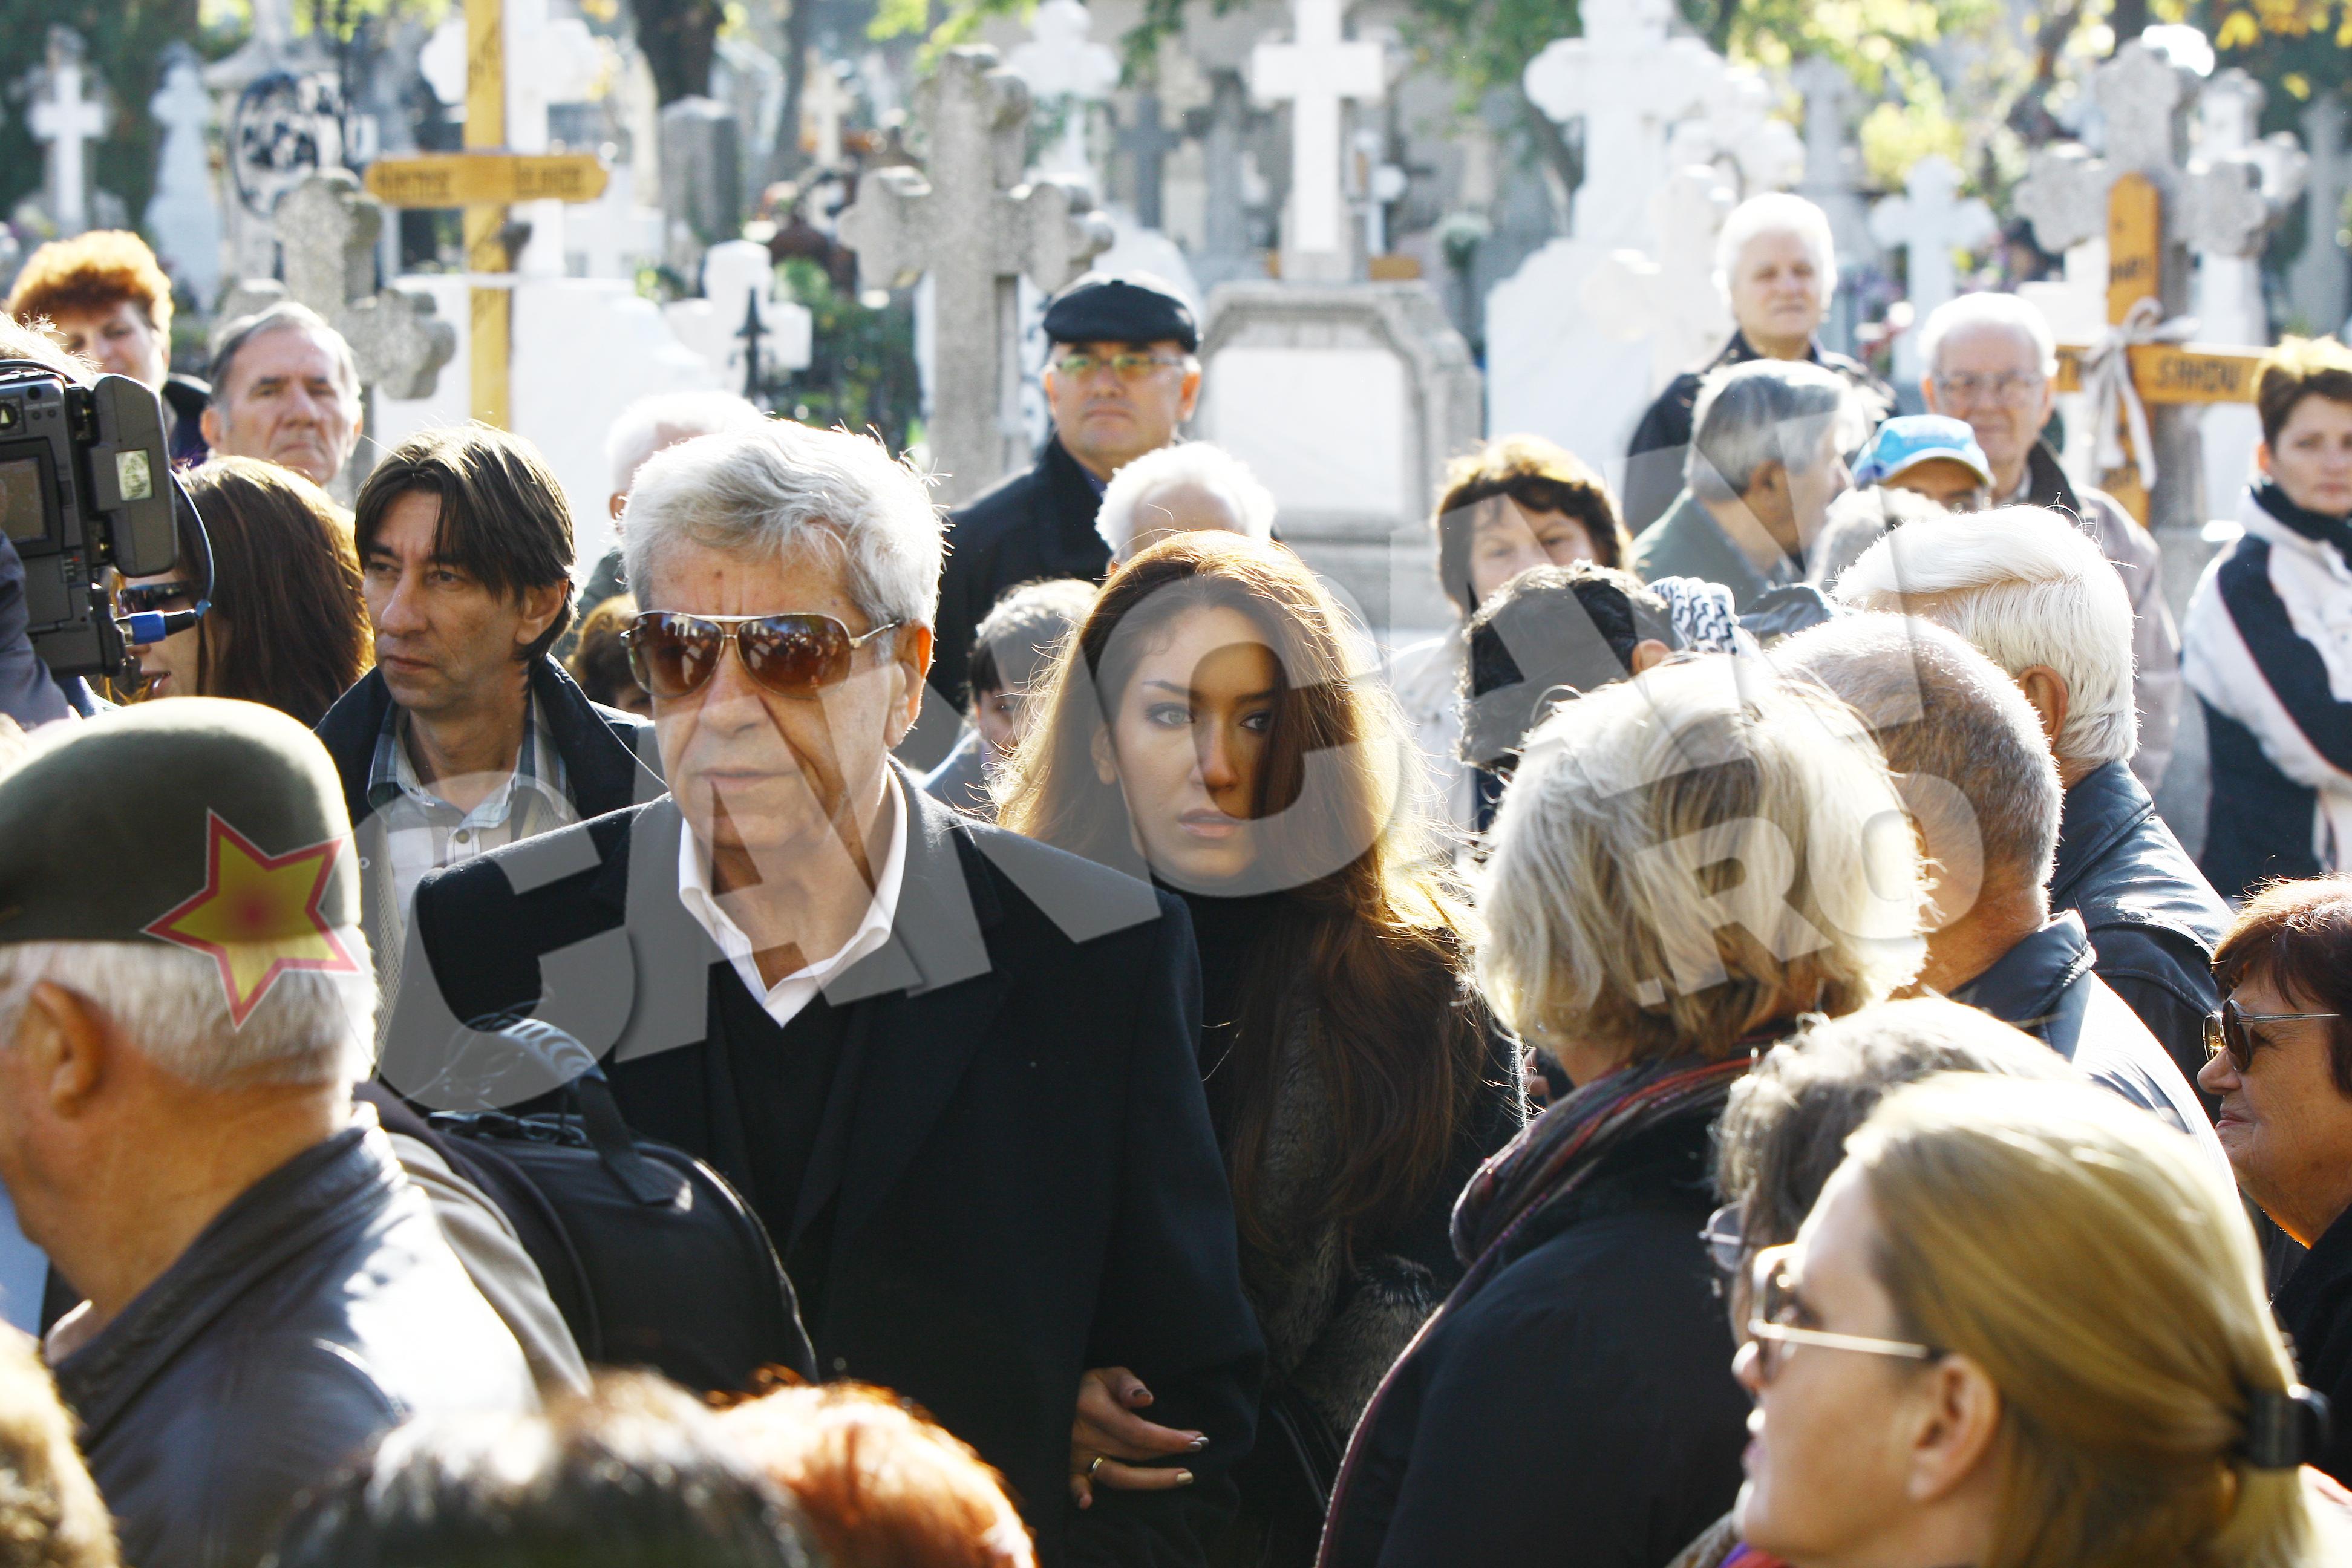 Ion Dichiseanu a venit la ceremonie insotit de fiica lui, Ioana, care i-a fost sprijin in aceste momente grele